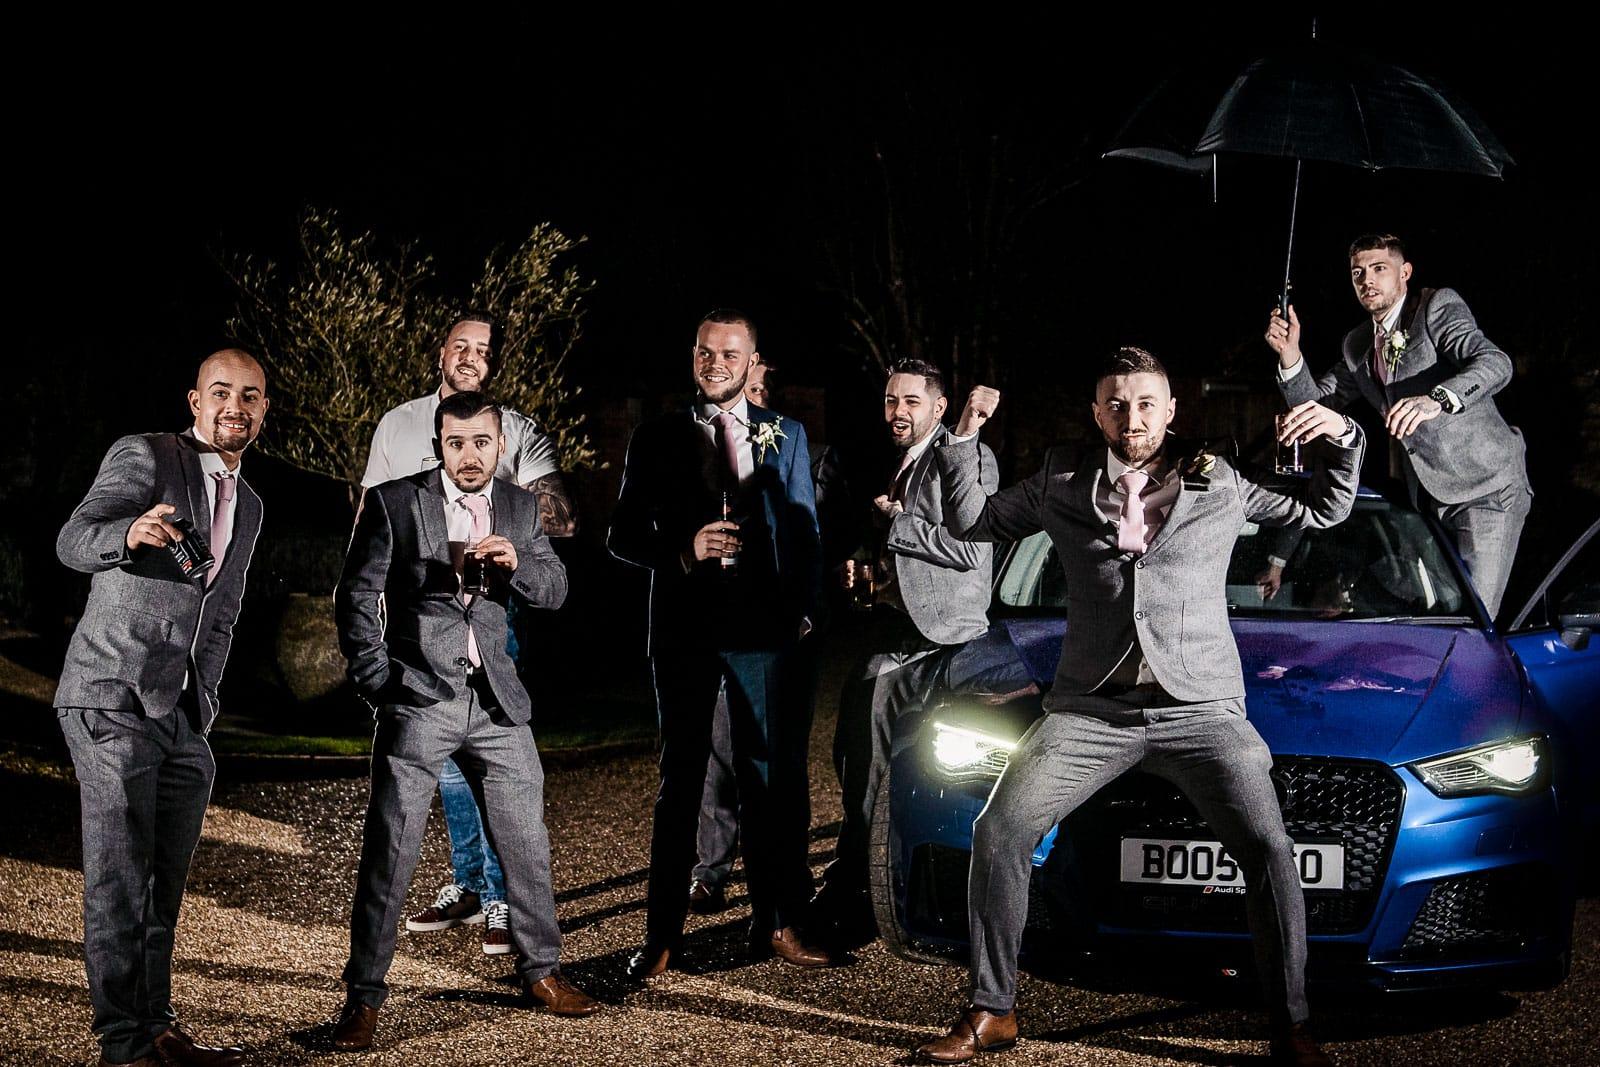 Wedding groomsmen sitting on a car posing